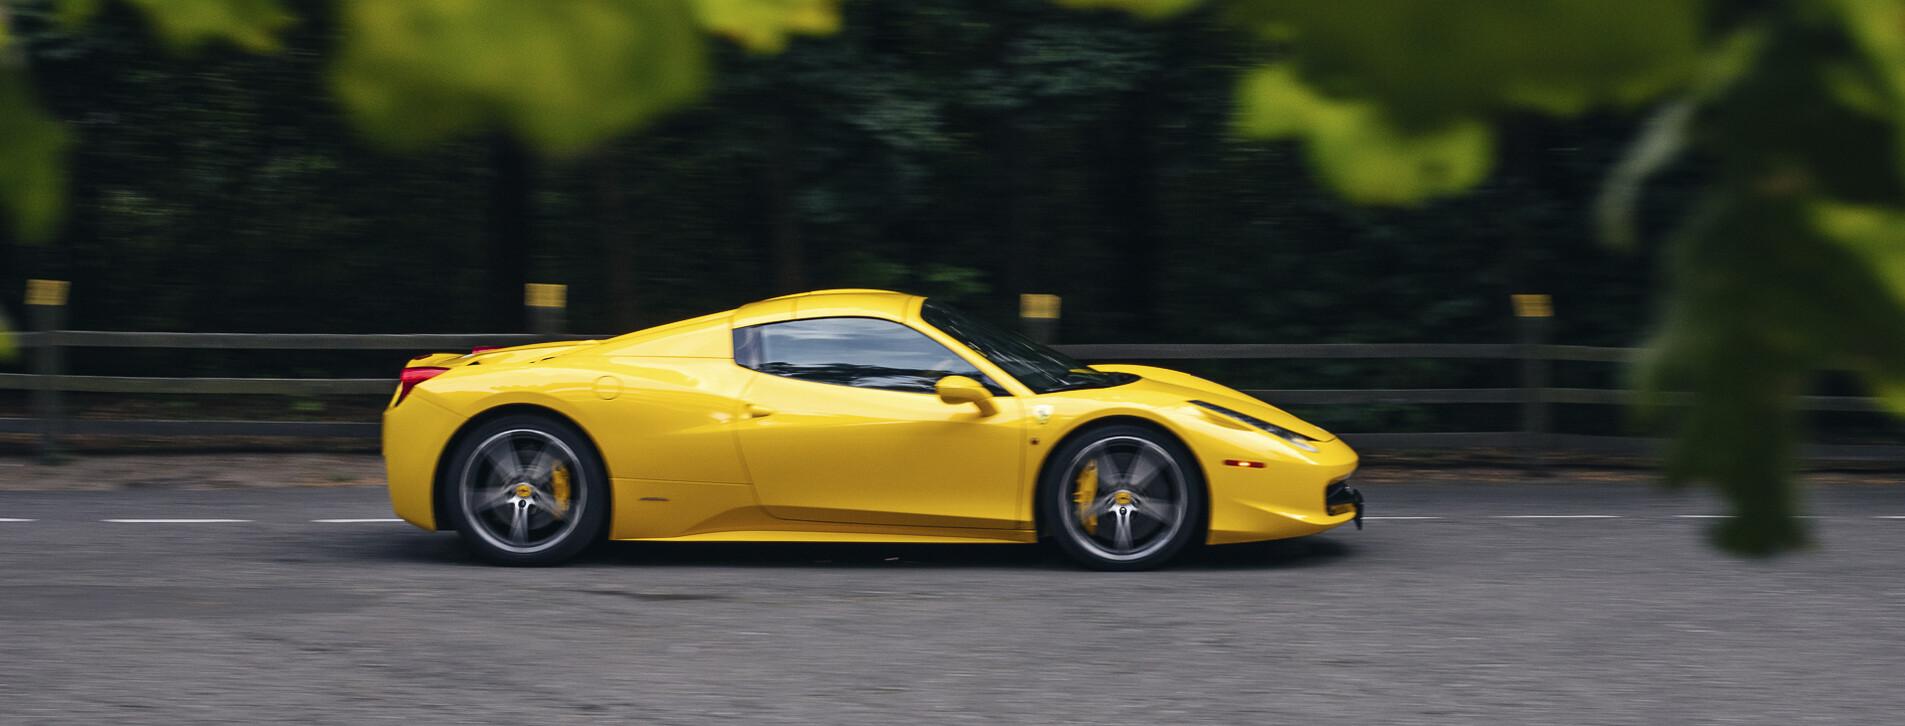 Фото 1 - Тест-драйв суперкара Ferrari